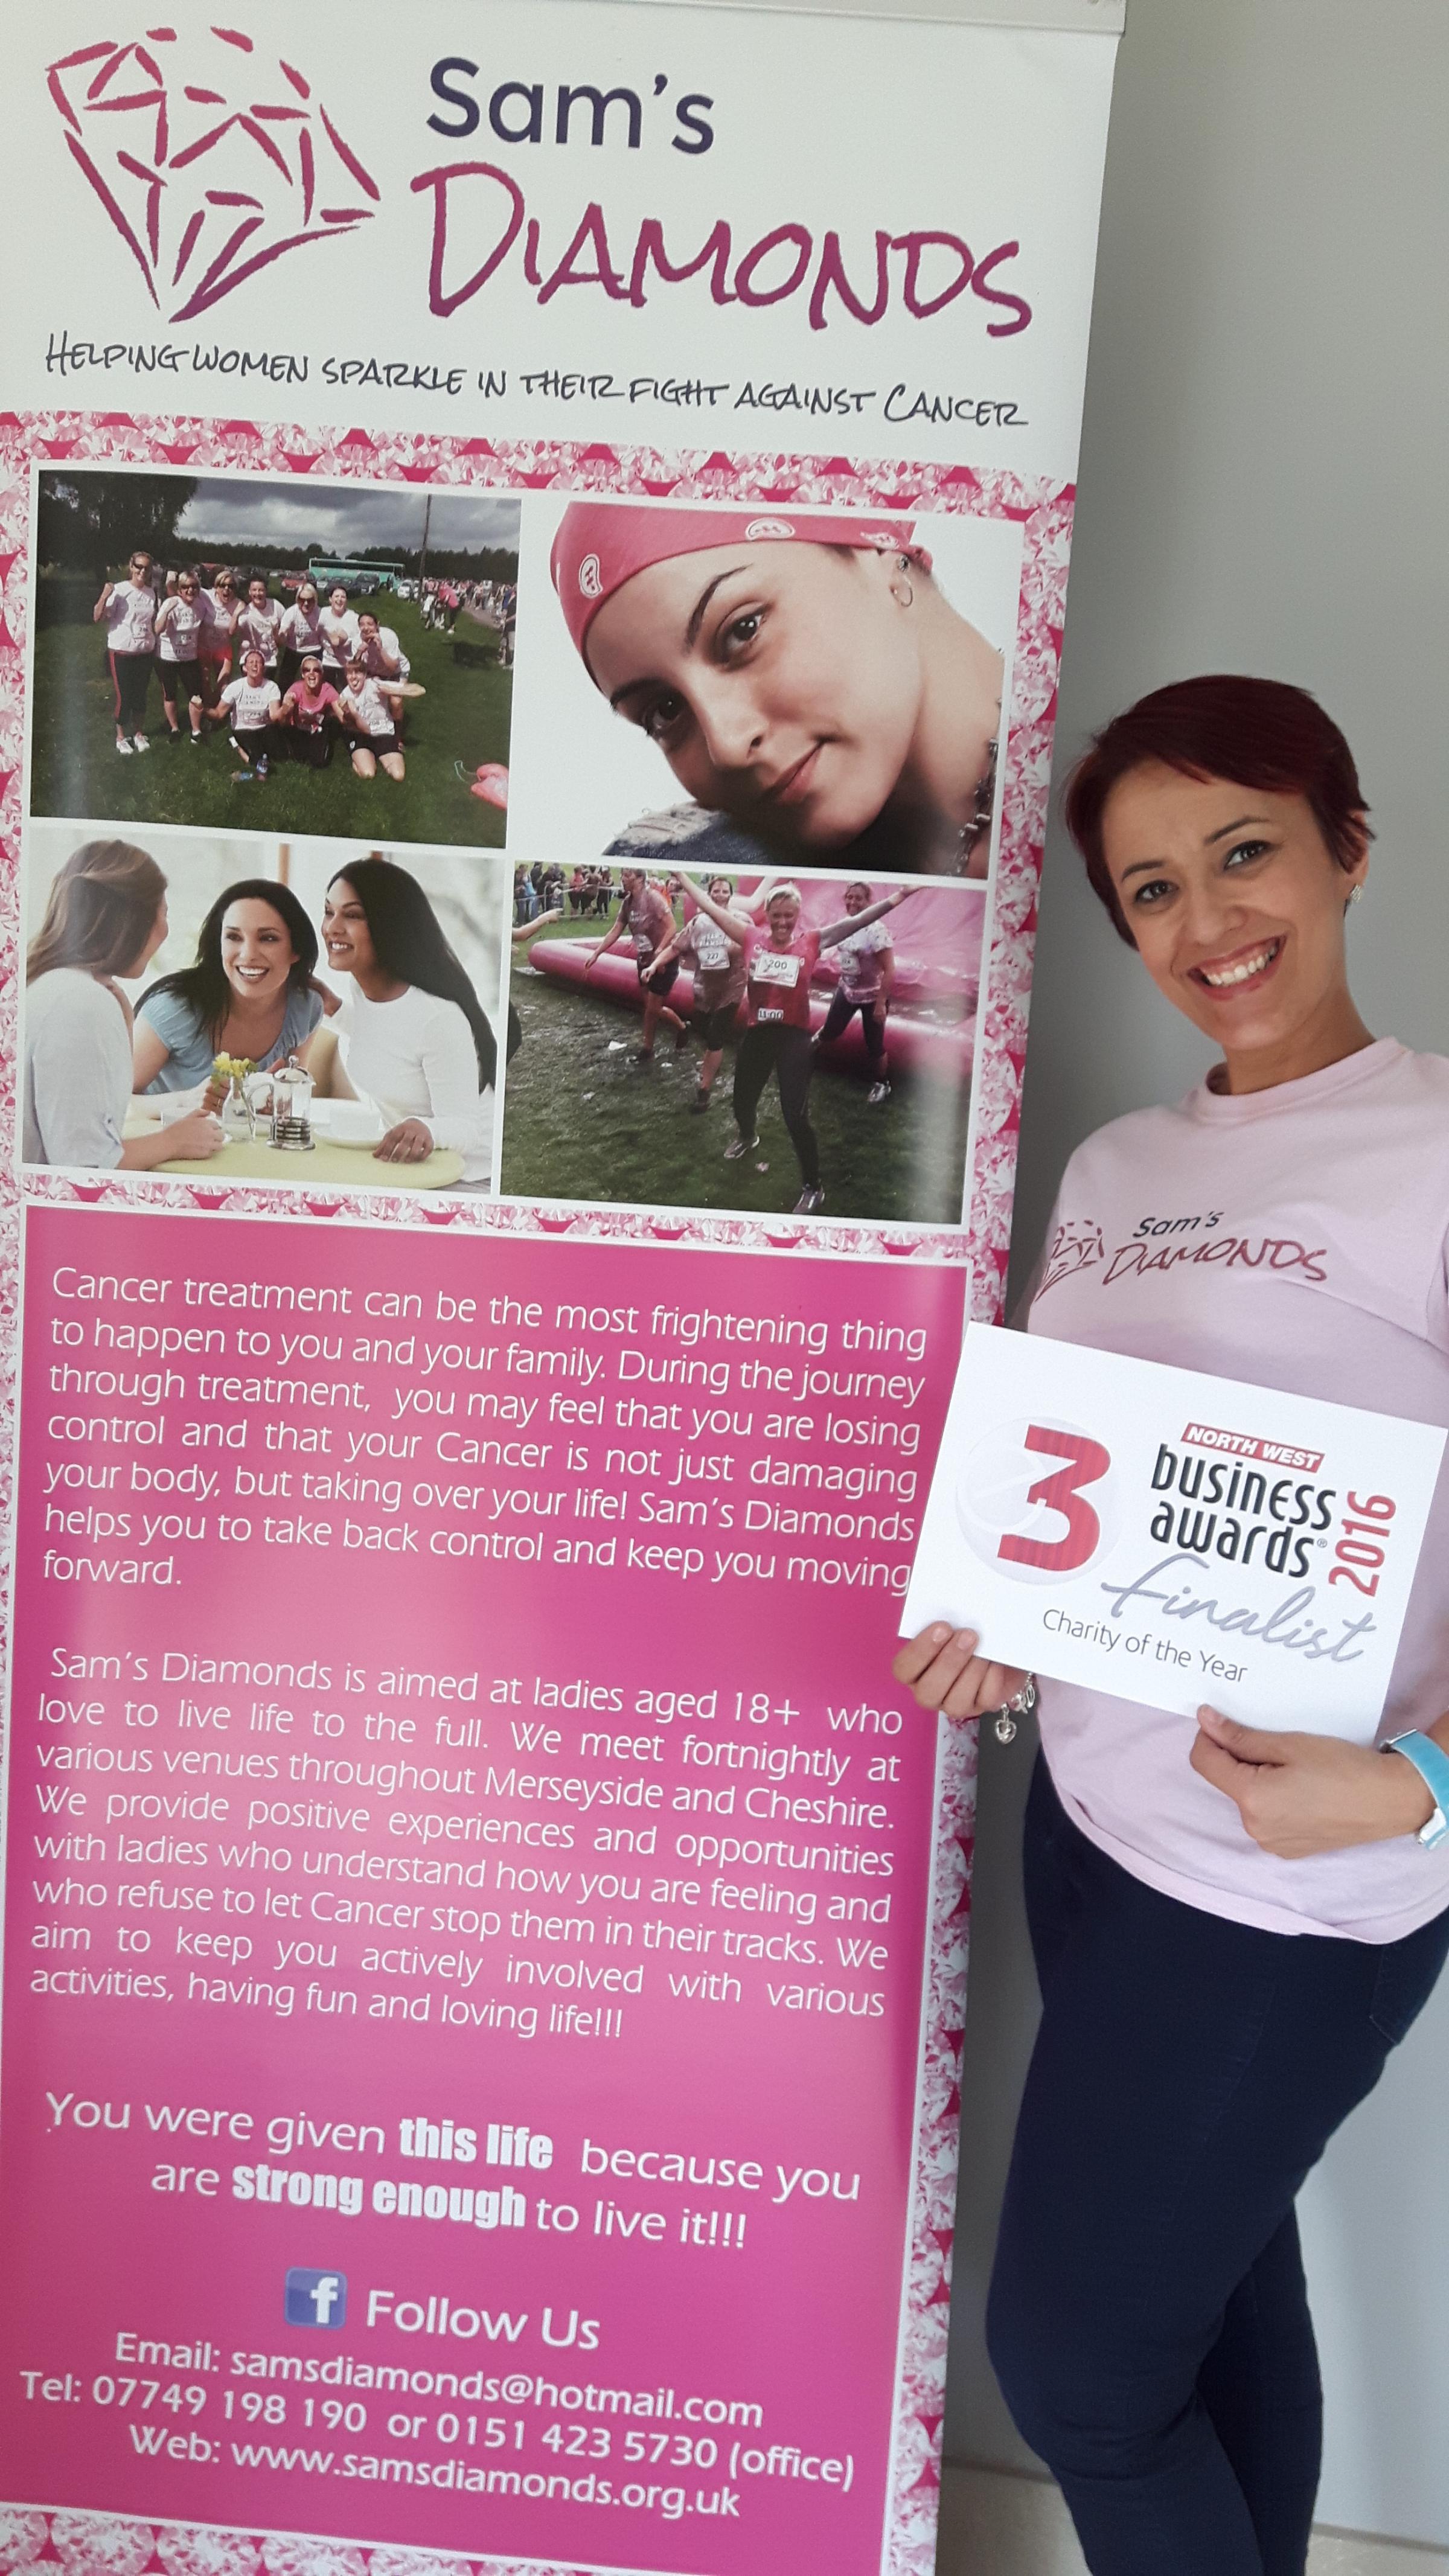 Activities to meet women